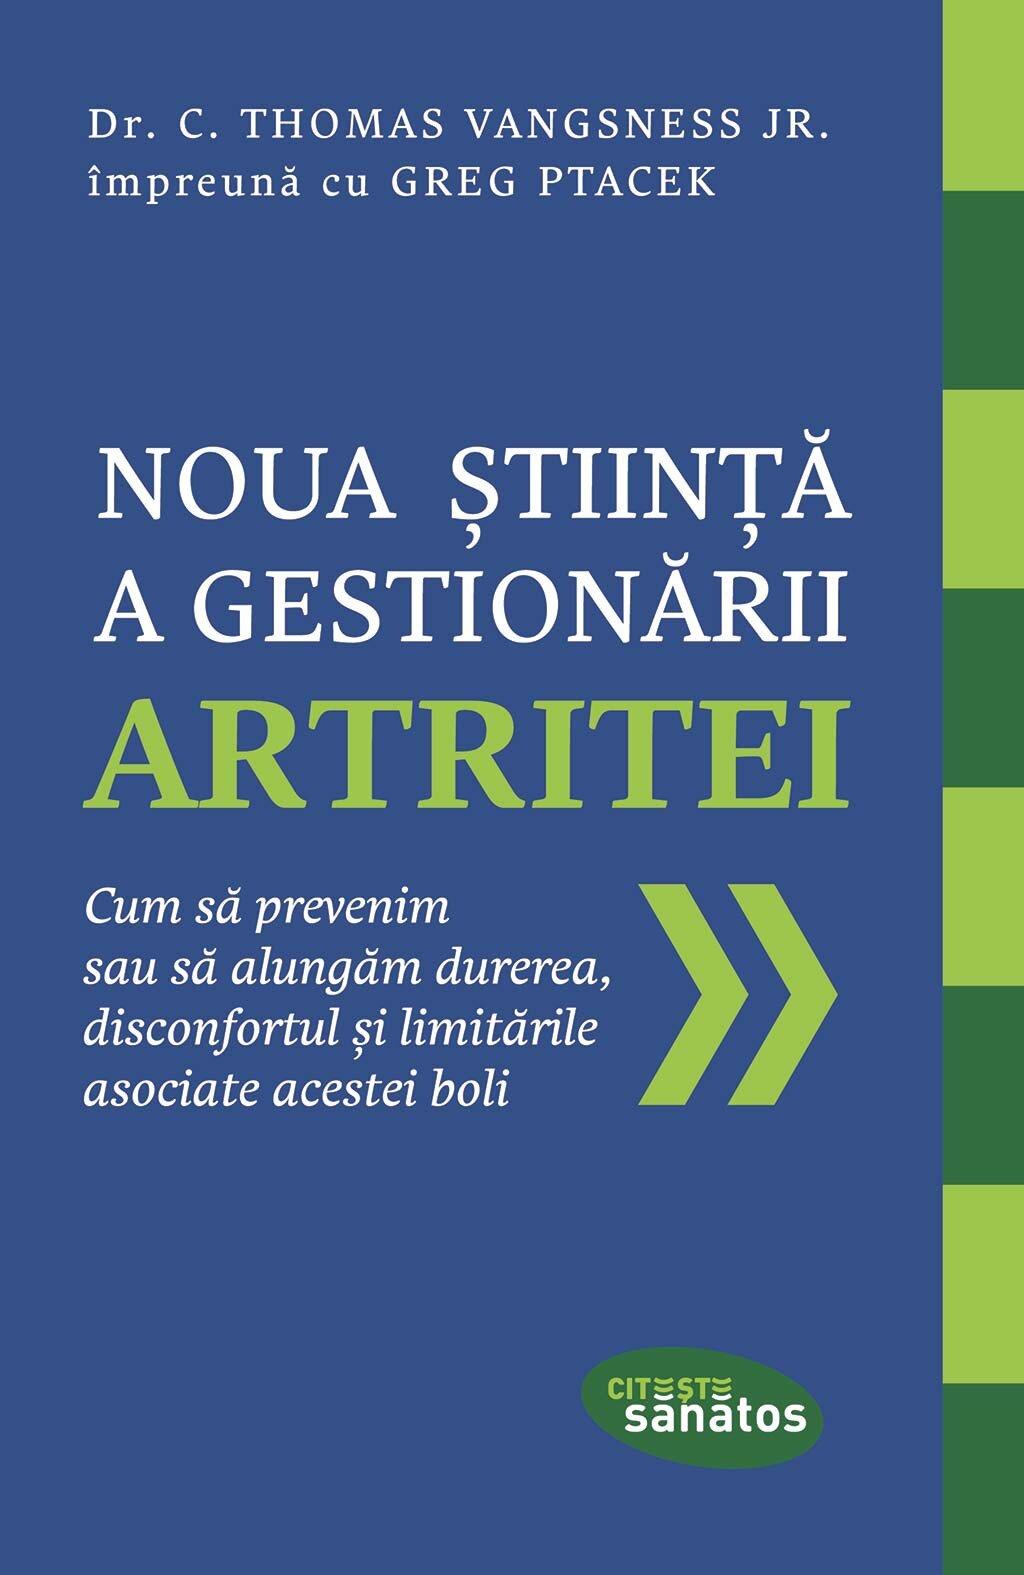 Noua stiinta a gestionarii artritei. Cum sa prevenim sau sa alungam durerea, disconfortul si limitarile asociate acestei boli (eBook)